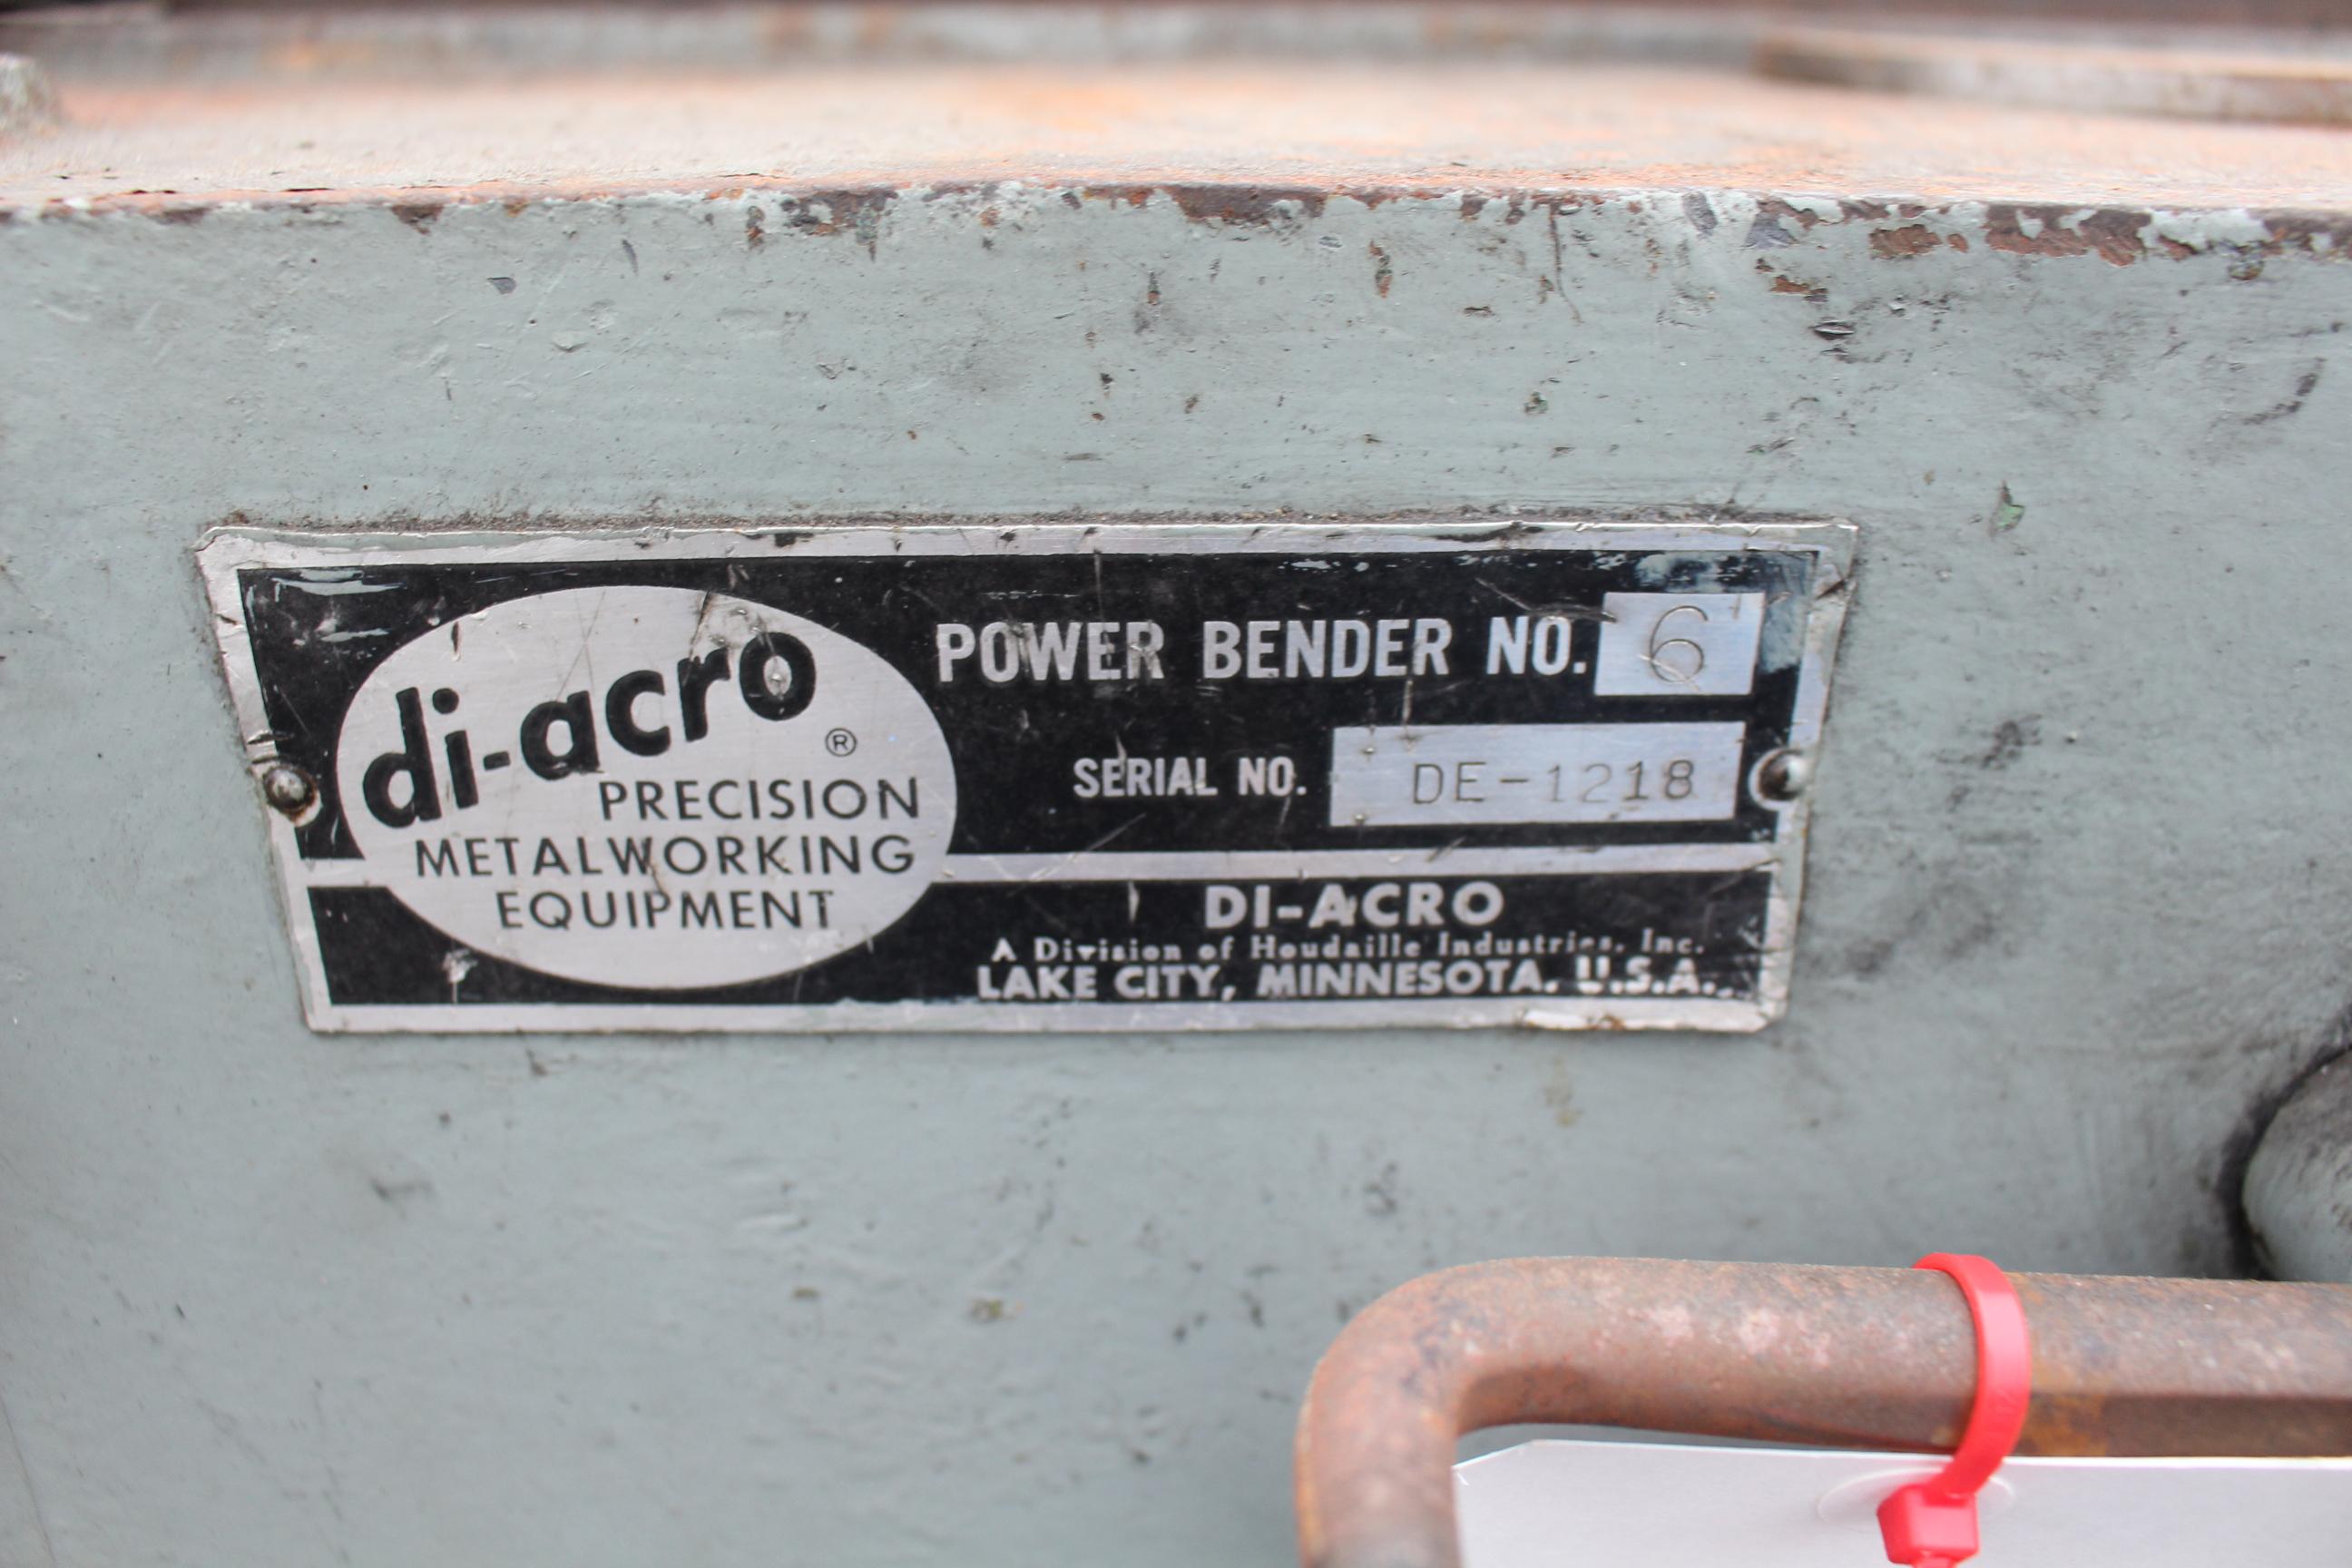 DI-ACRO #6 POWER BENDER, S/N DE-1218 - Image 5 of 5